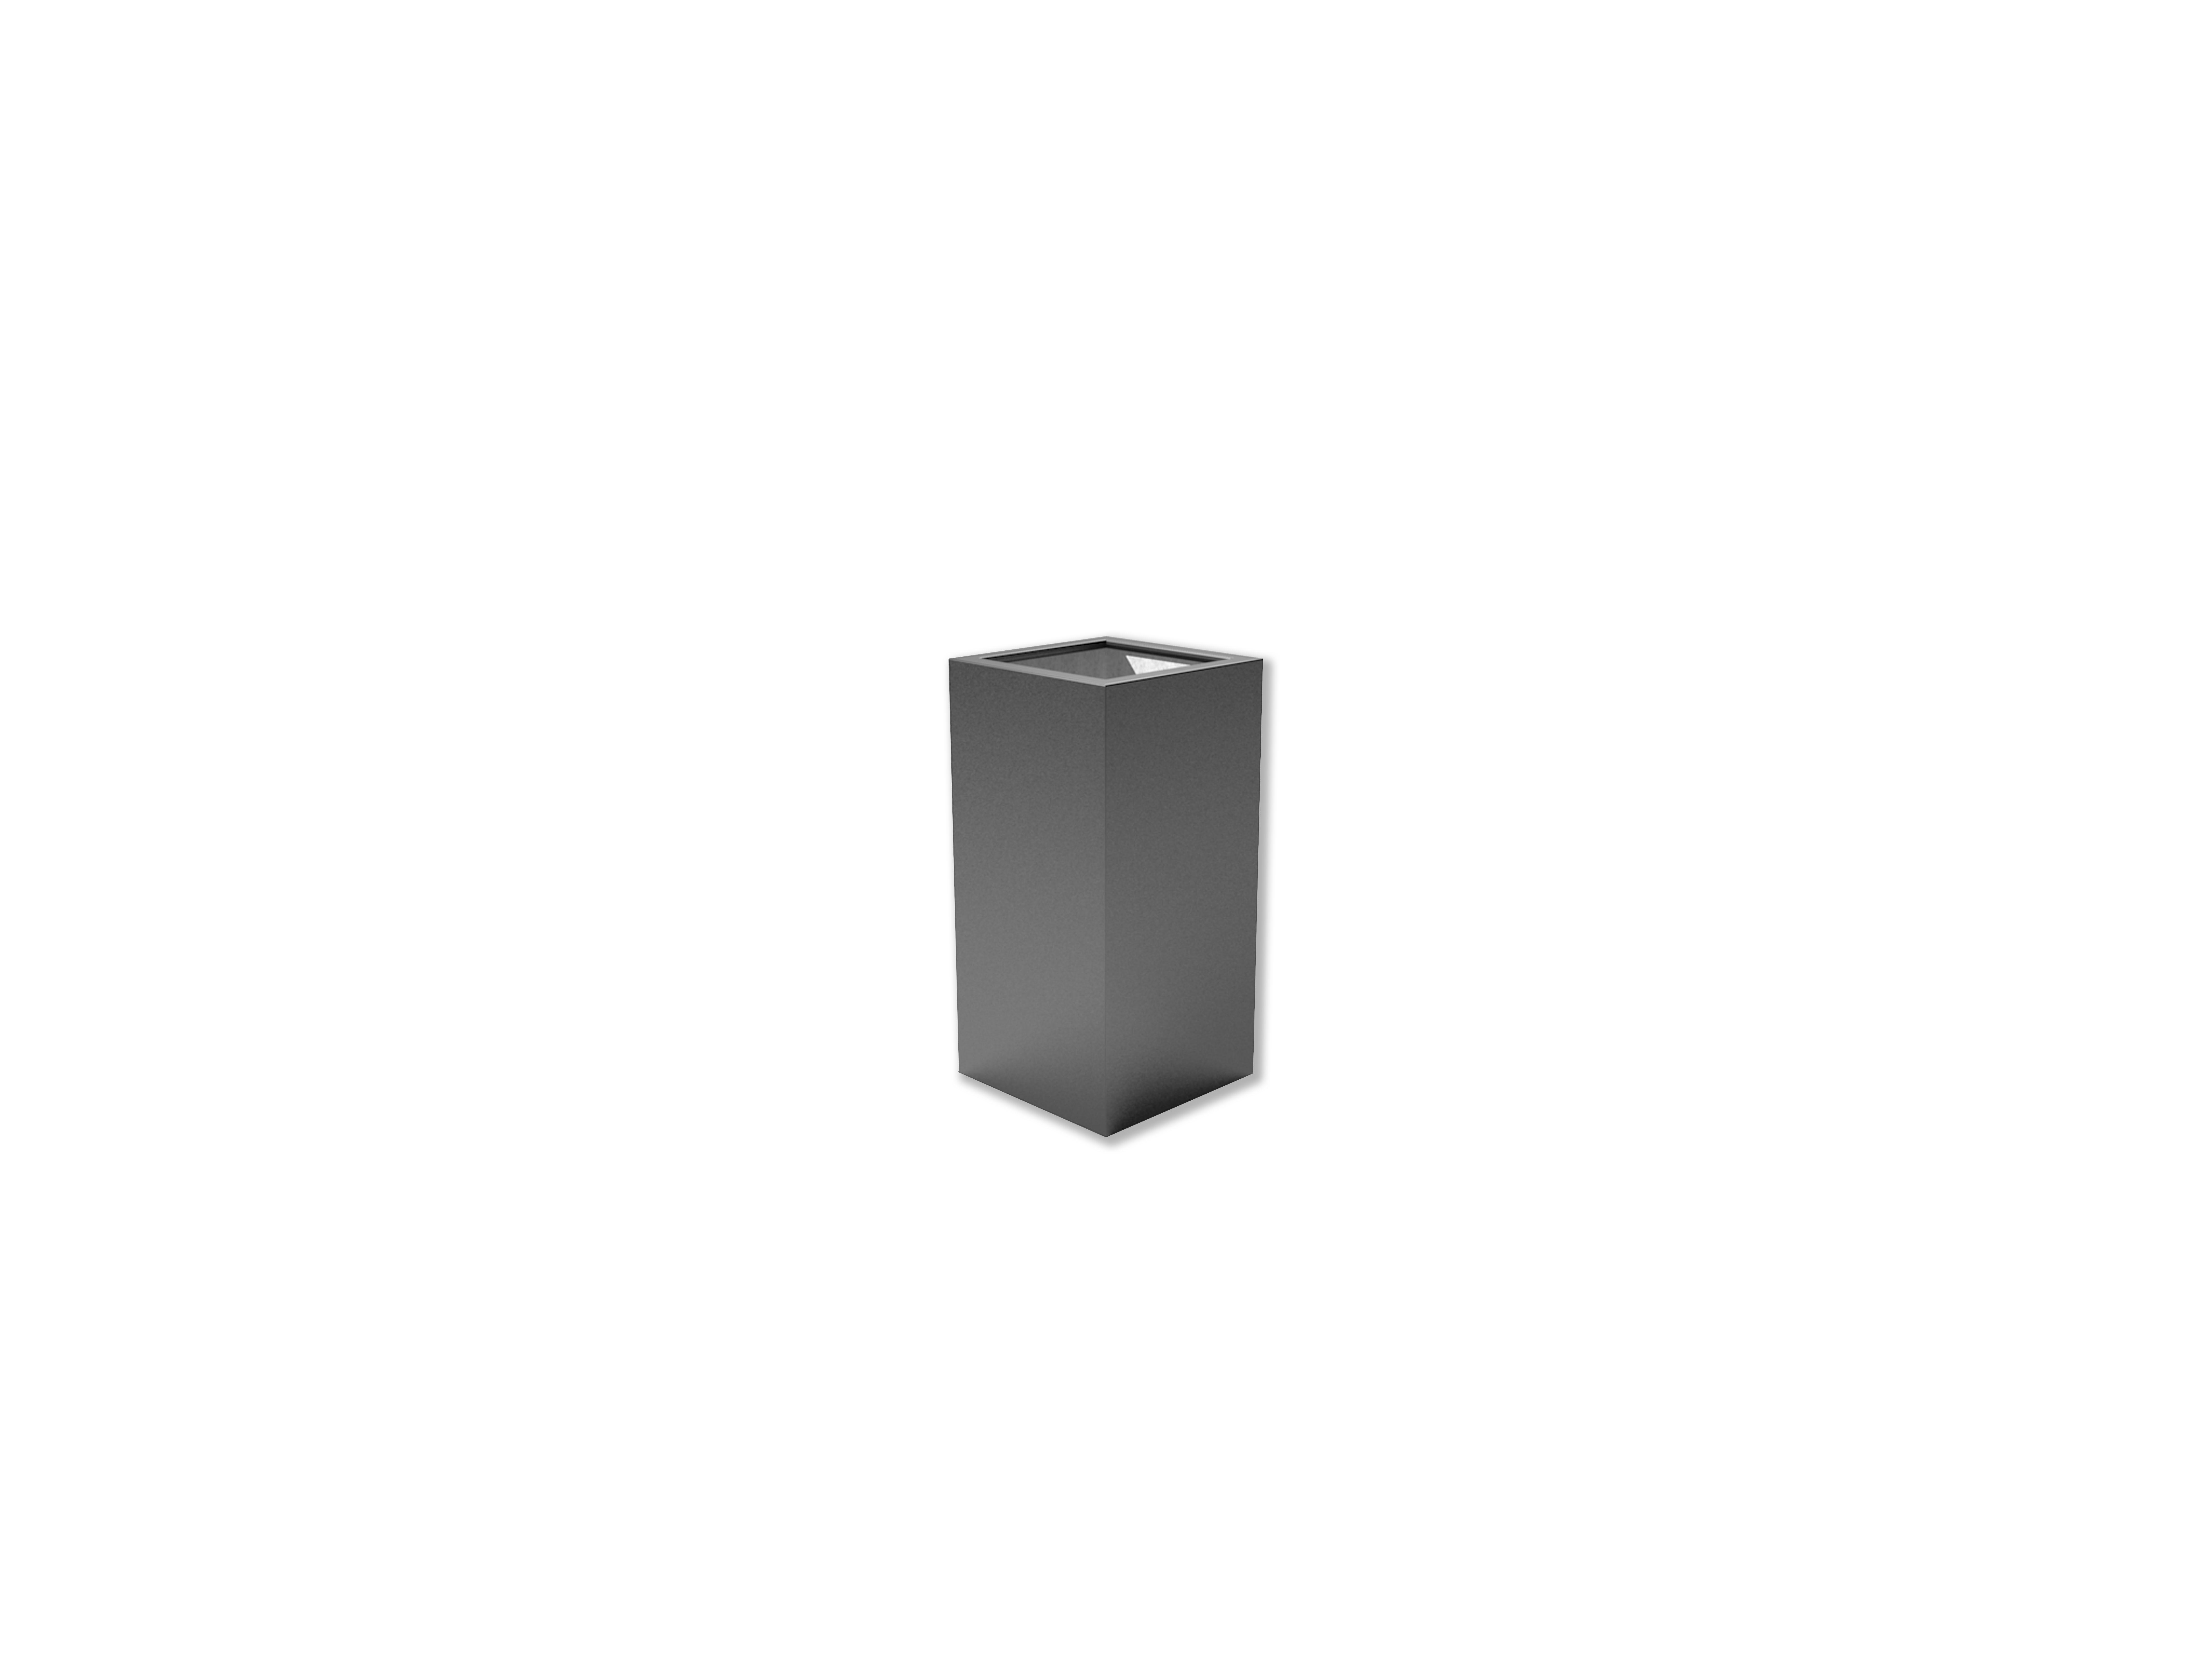 Adezz | Polyester bloembak Buxus | 50 x 50 x 100 | Antraciet